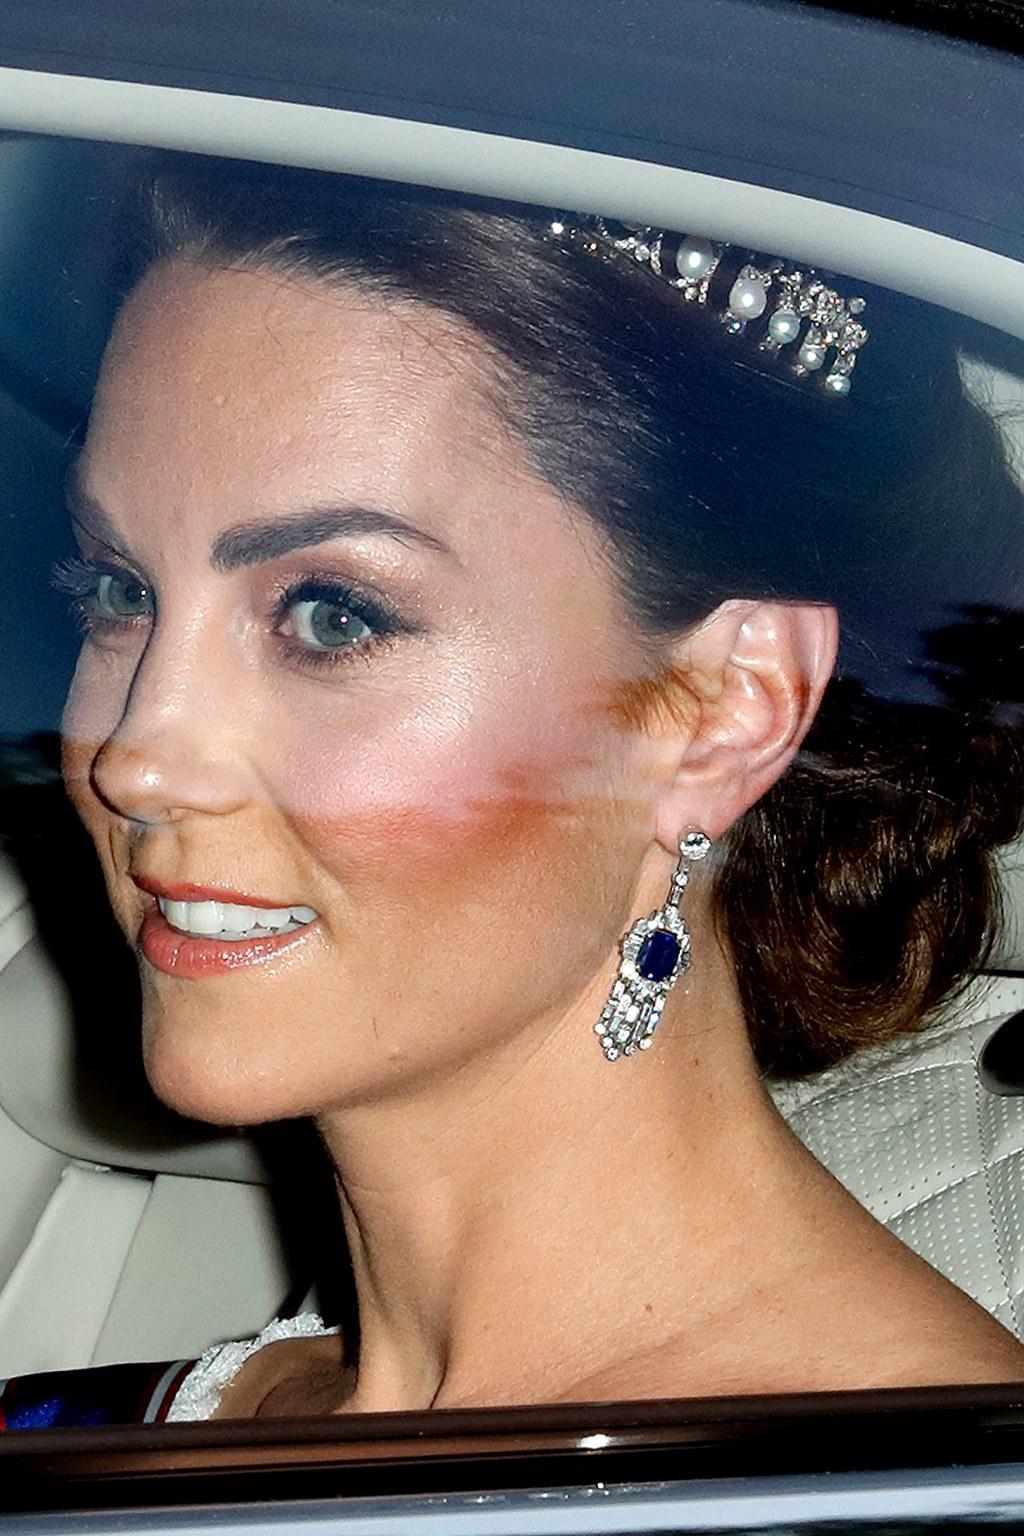 kate middleton estilo de moda outfit tiara lovers knot